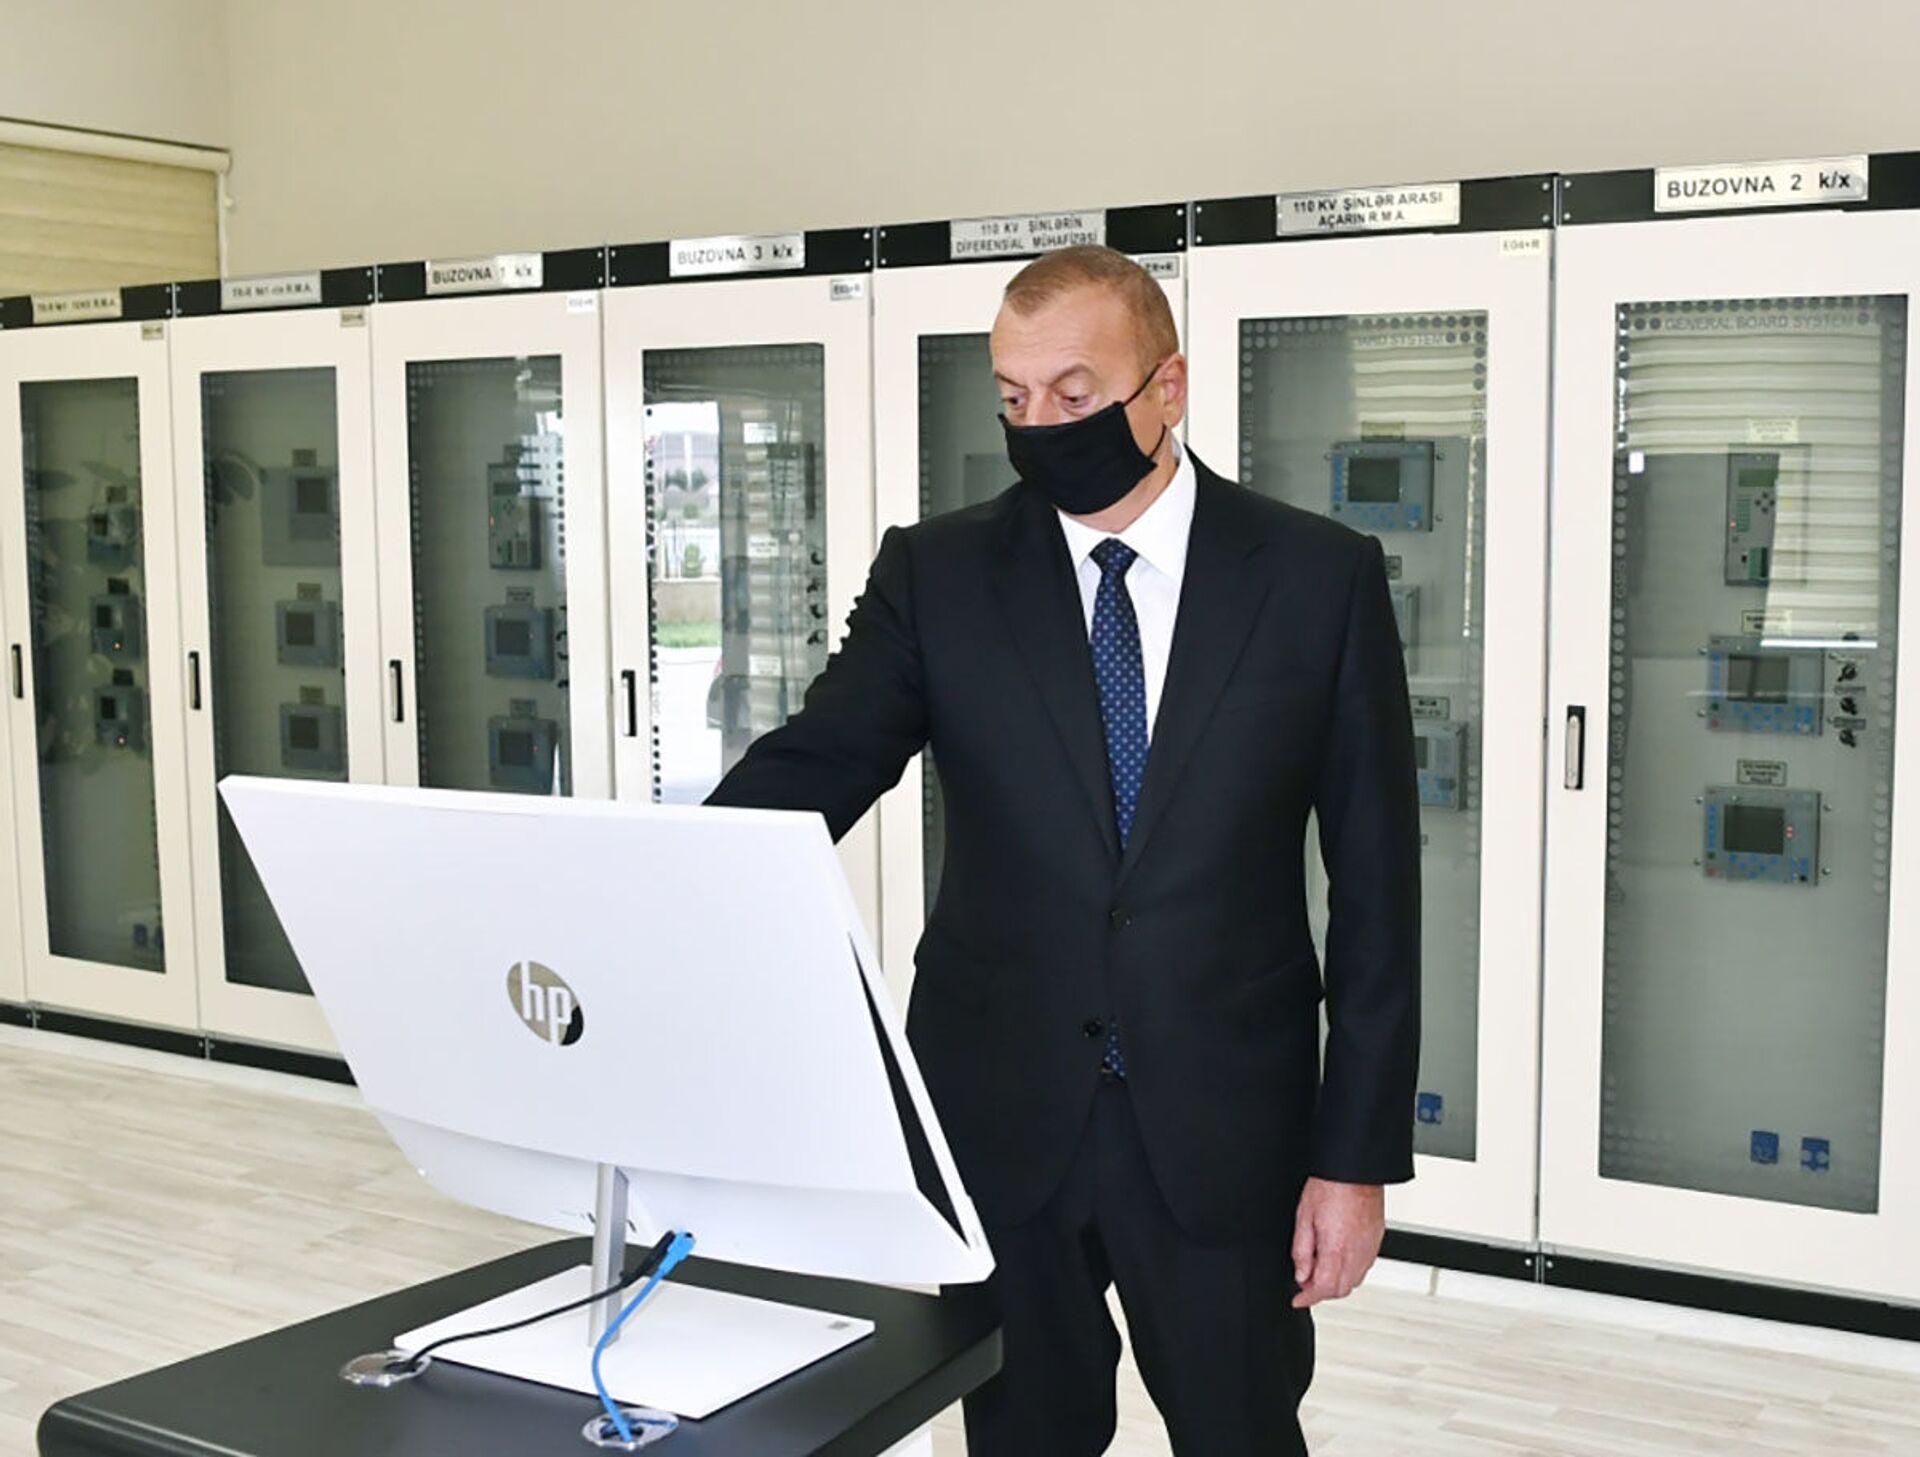 Президент Ильхам Алиев принял участие в открытии подстанции Бузовна-1 в Хазарском районе Баку - Sputnik Azərbaycan, 1920, 01.10.2021